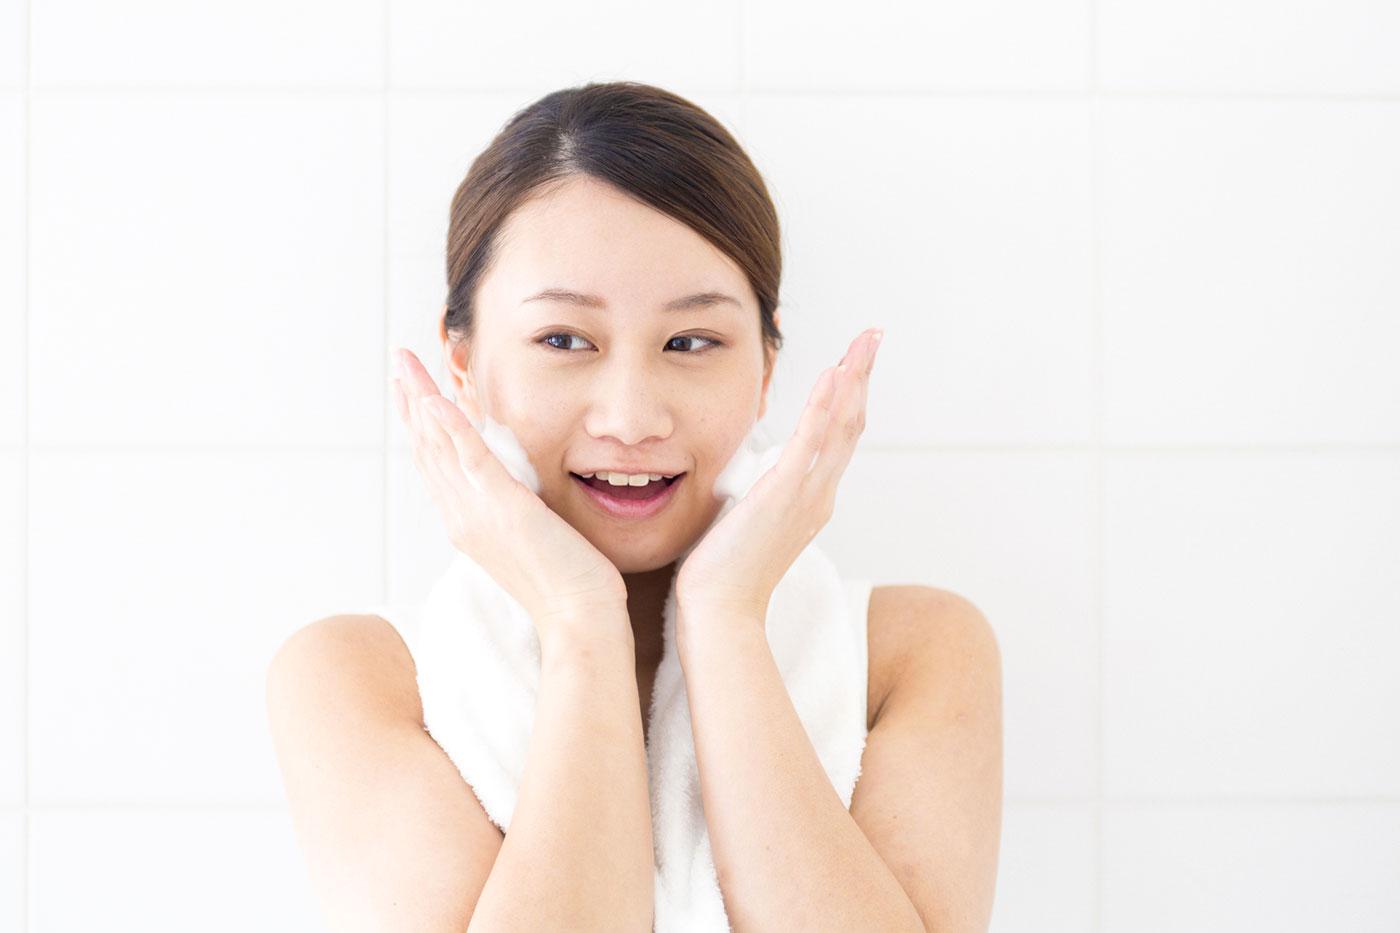 生理周期に合わせた洗顔方法